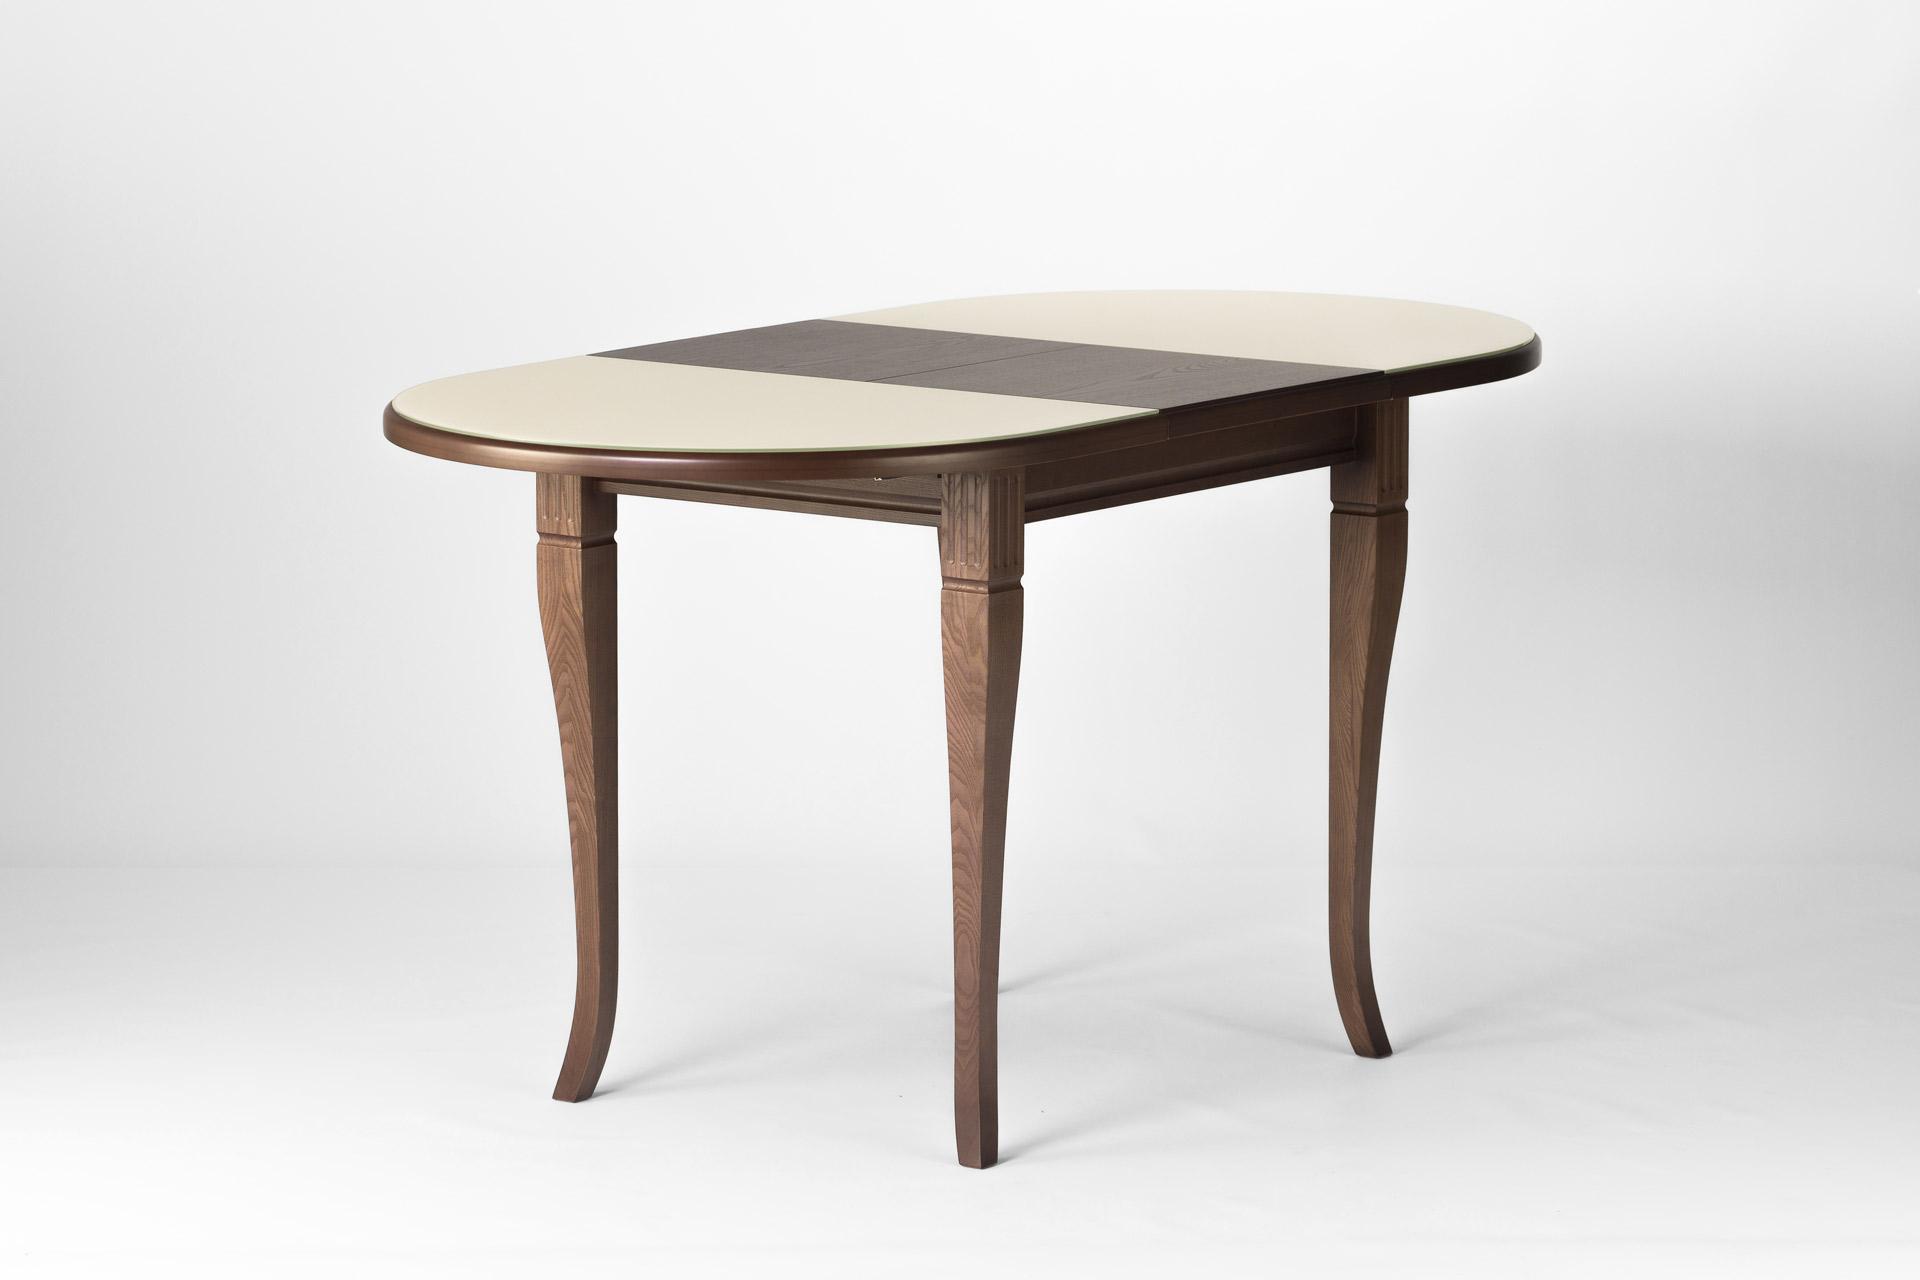 Овальный кухонный стол Кардинал , с деревянной столешницей бежевого цвета, разложенный